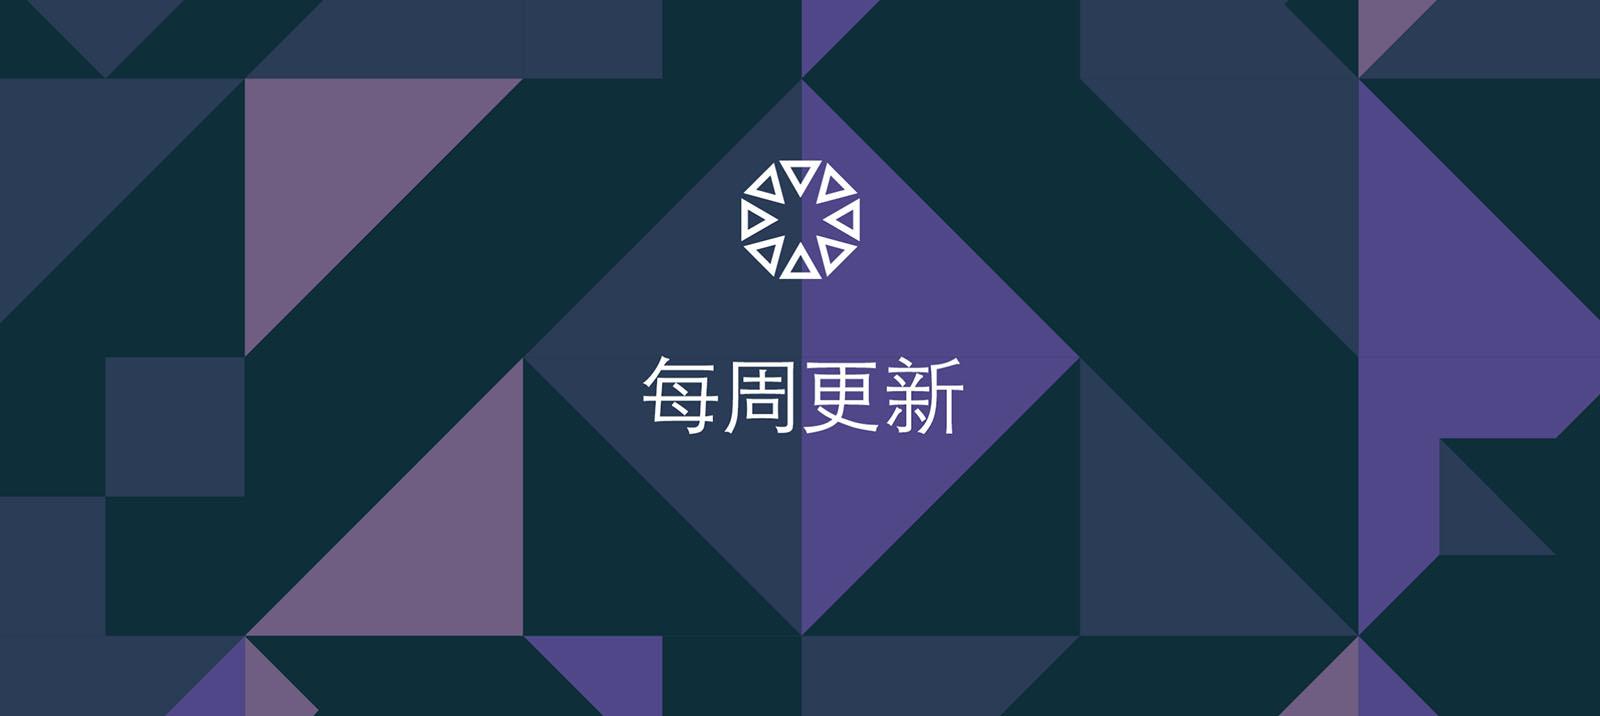 亦来云双周报|2020-01-28